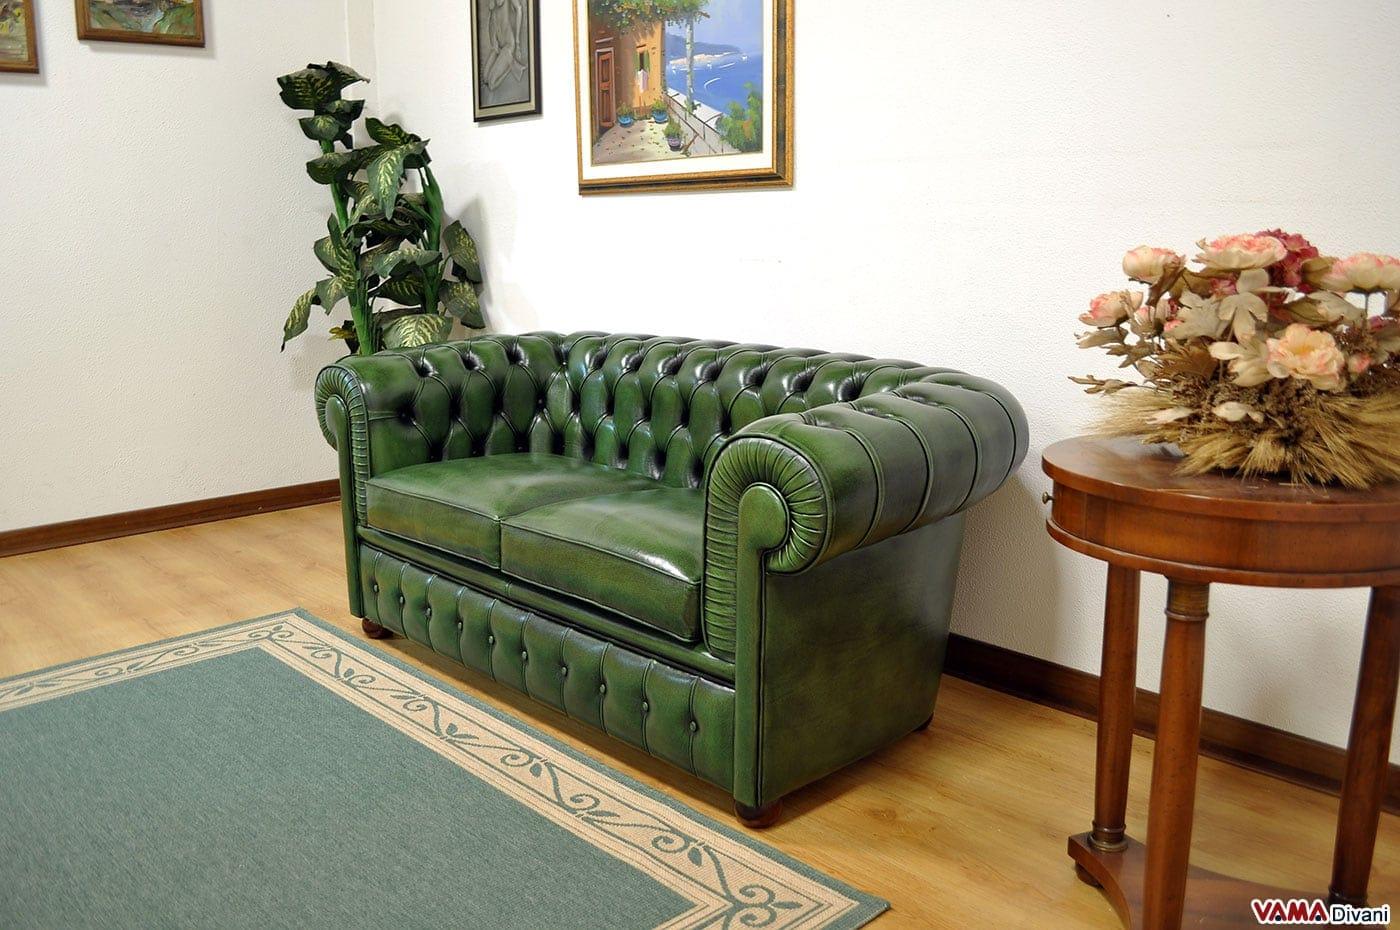 Divano chester verde inglese in vera pelle invecchiata a mano for Chester angolare